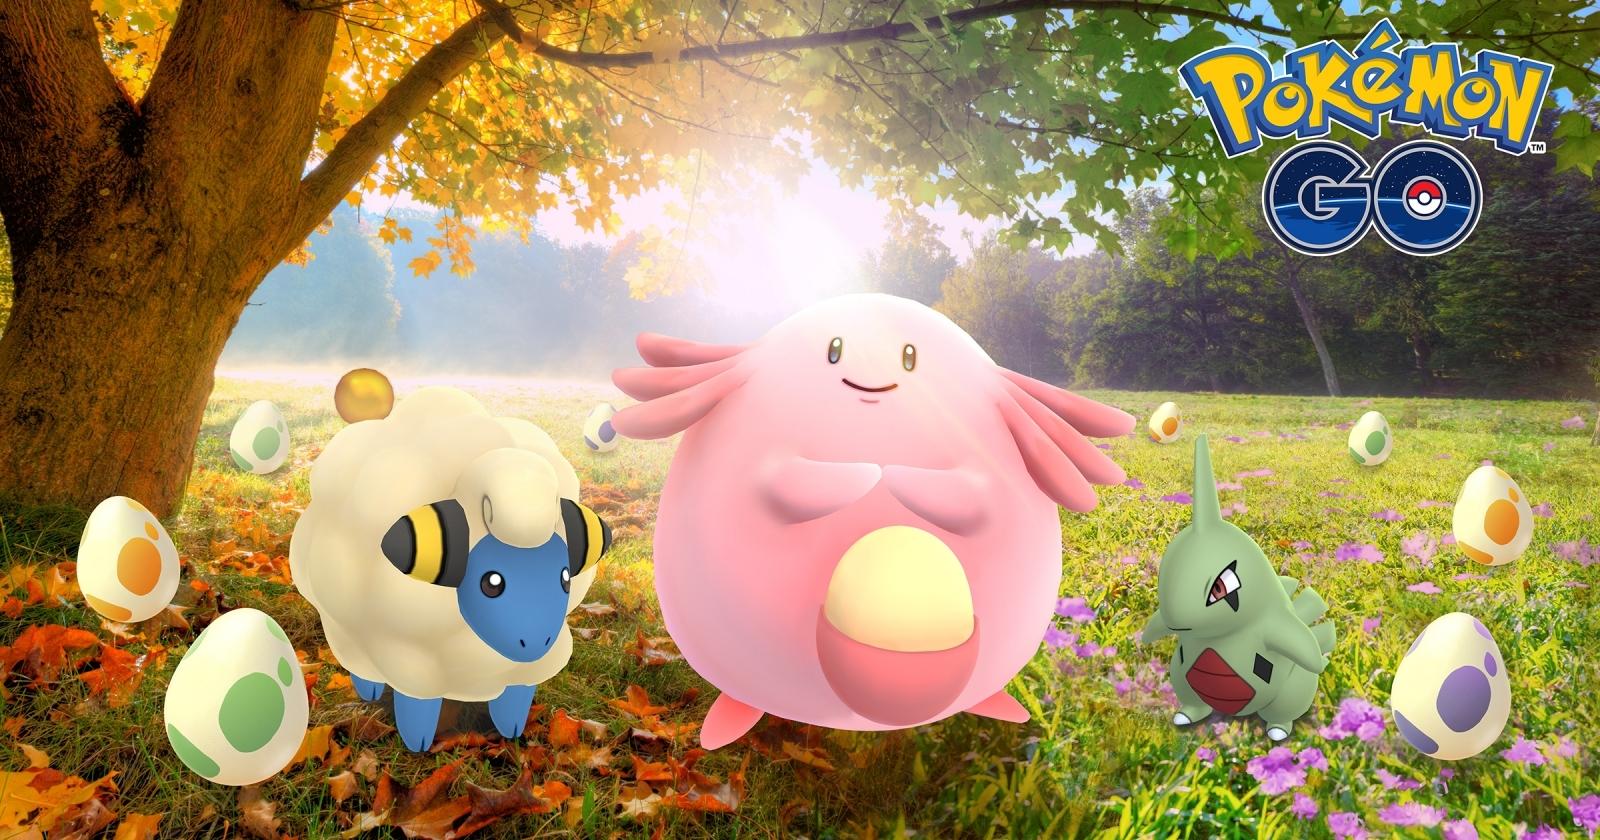 Pokemon Go equinox event